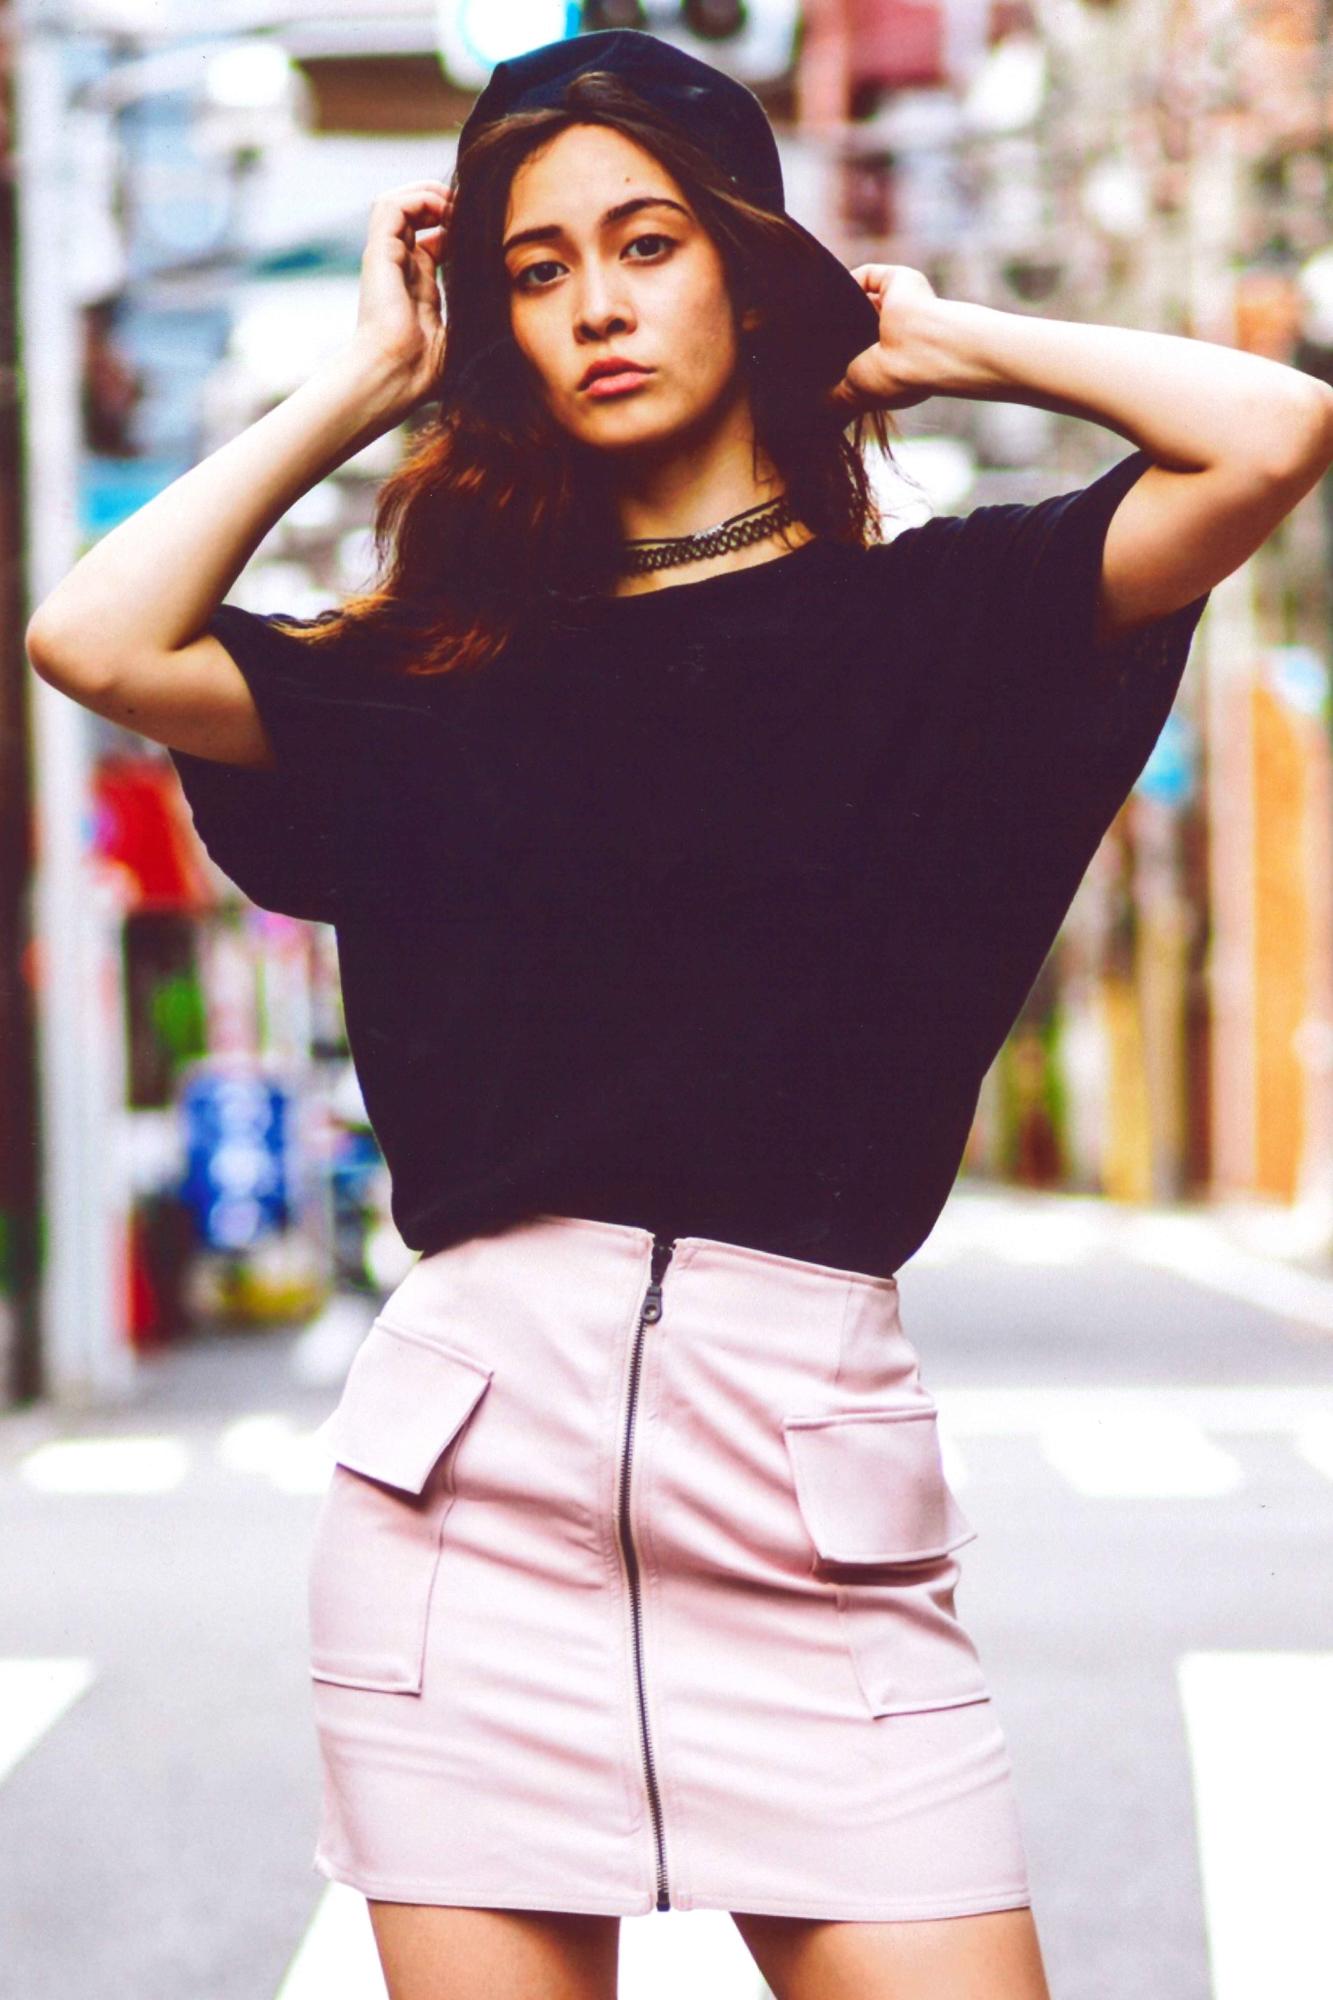 外国人モデル/外国ダンサー・パフォーマー エリカ・Fの写真2